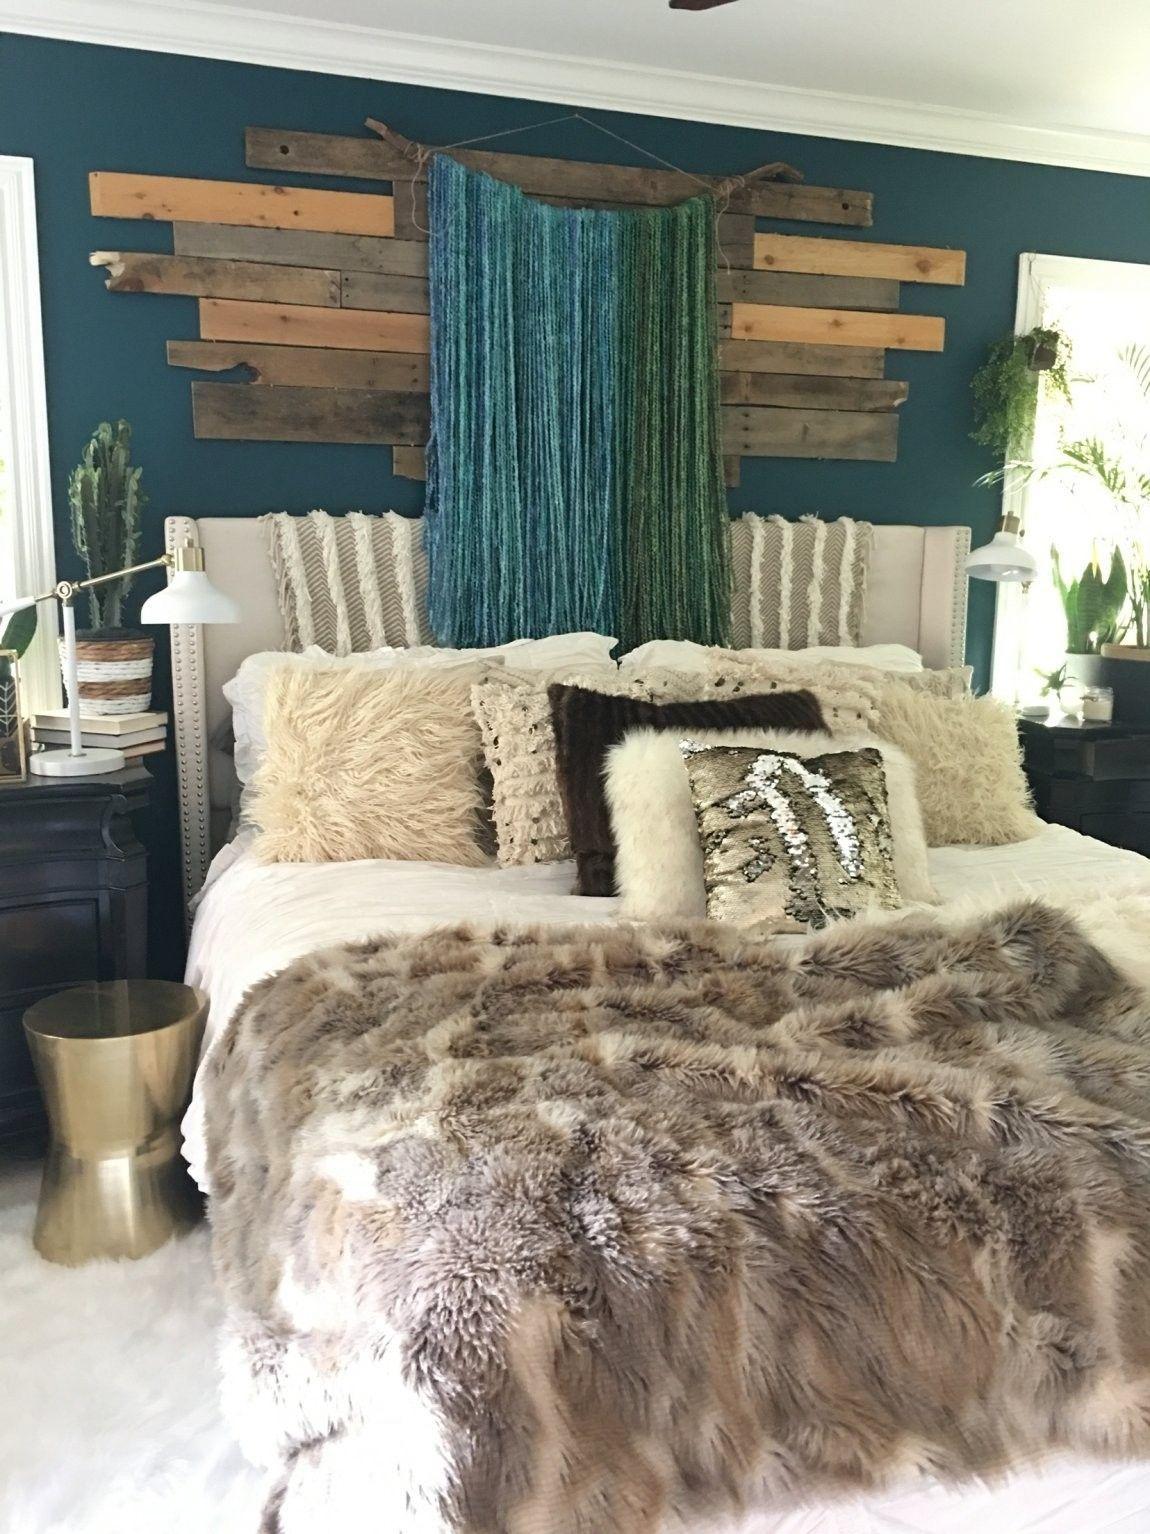 5+ Perfect Native American Bedroom Decor - Decortez  Chic master